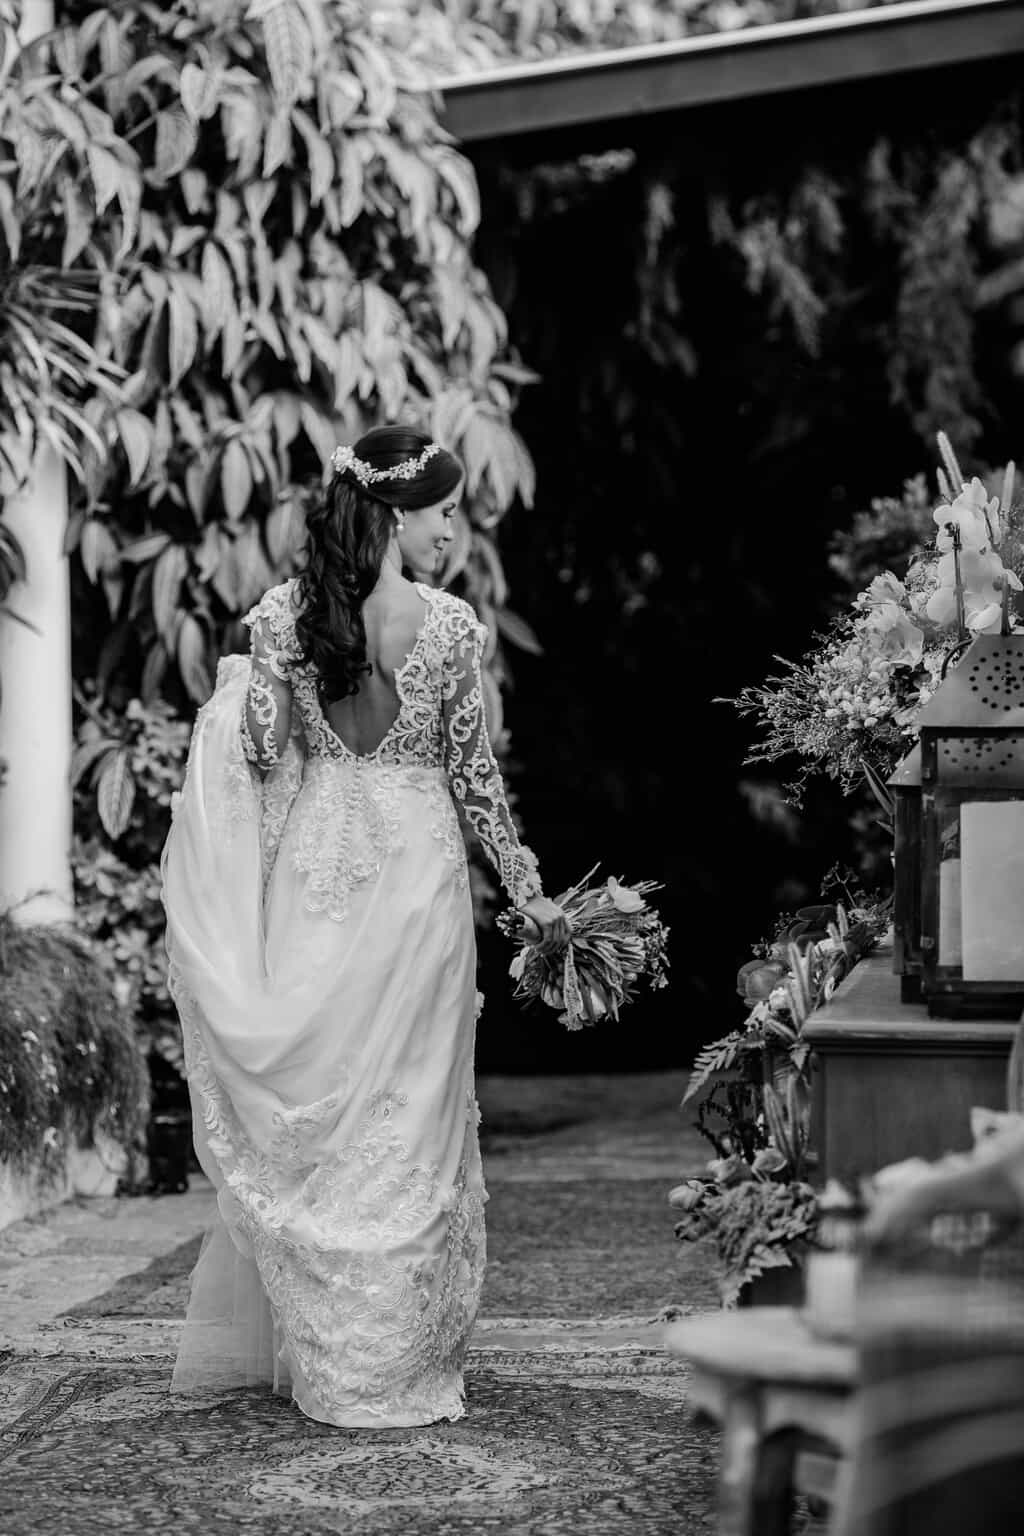 beleza-da-noiva-casamento-Beatriz-e-Joao-Fernando-Itaipava-Locanda-Della-Mimosa-Thienny-Tammis94